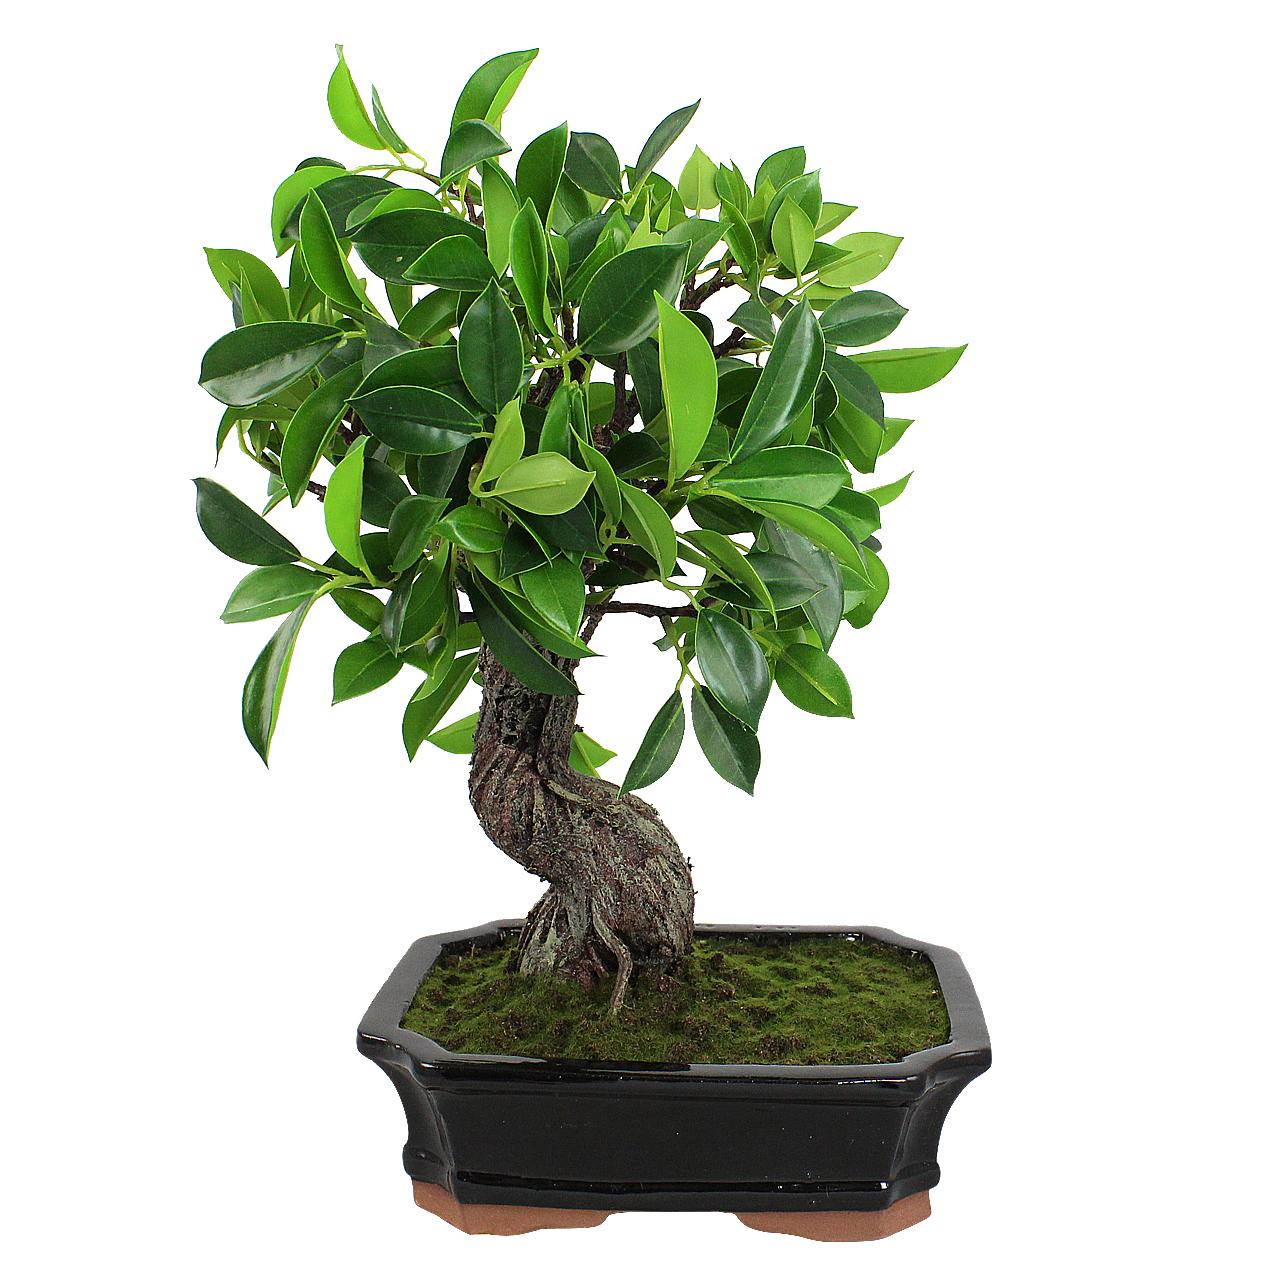 Planta Artificiala Bonsai In Ghiveci 38 Cm